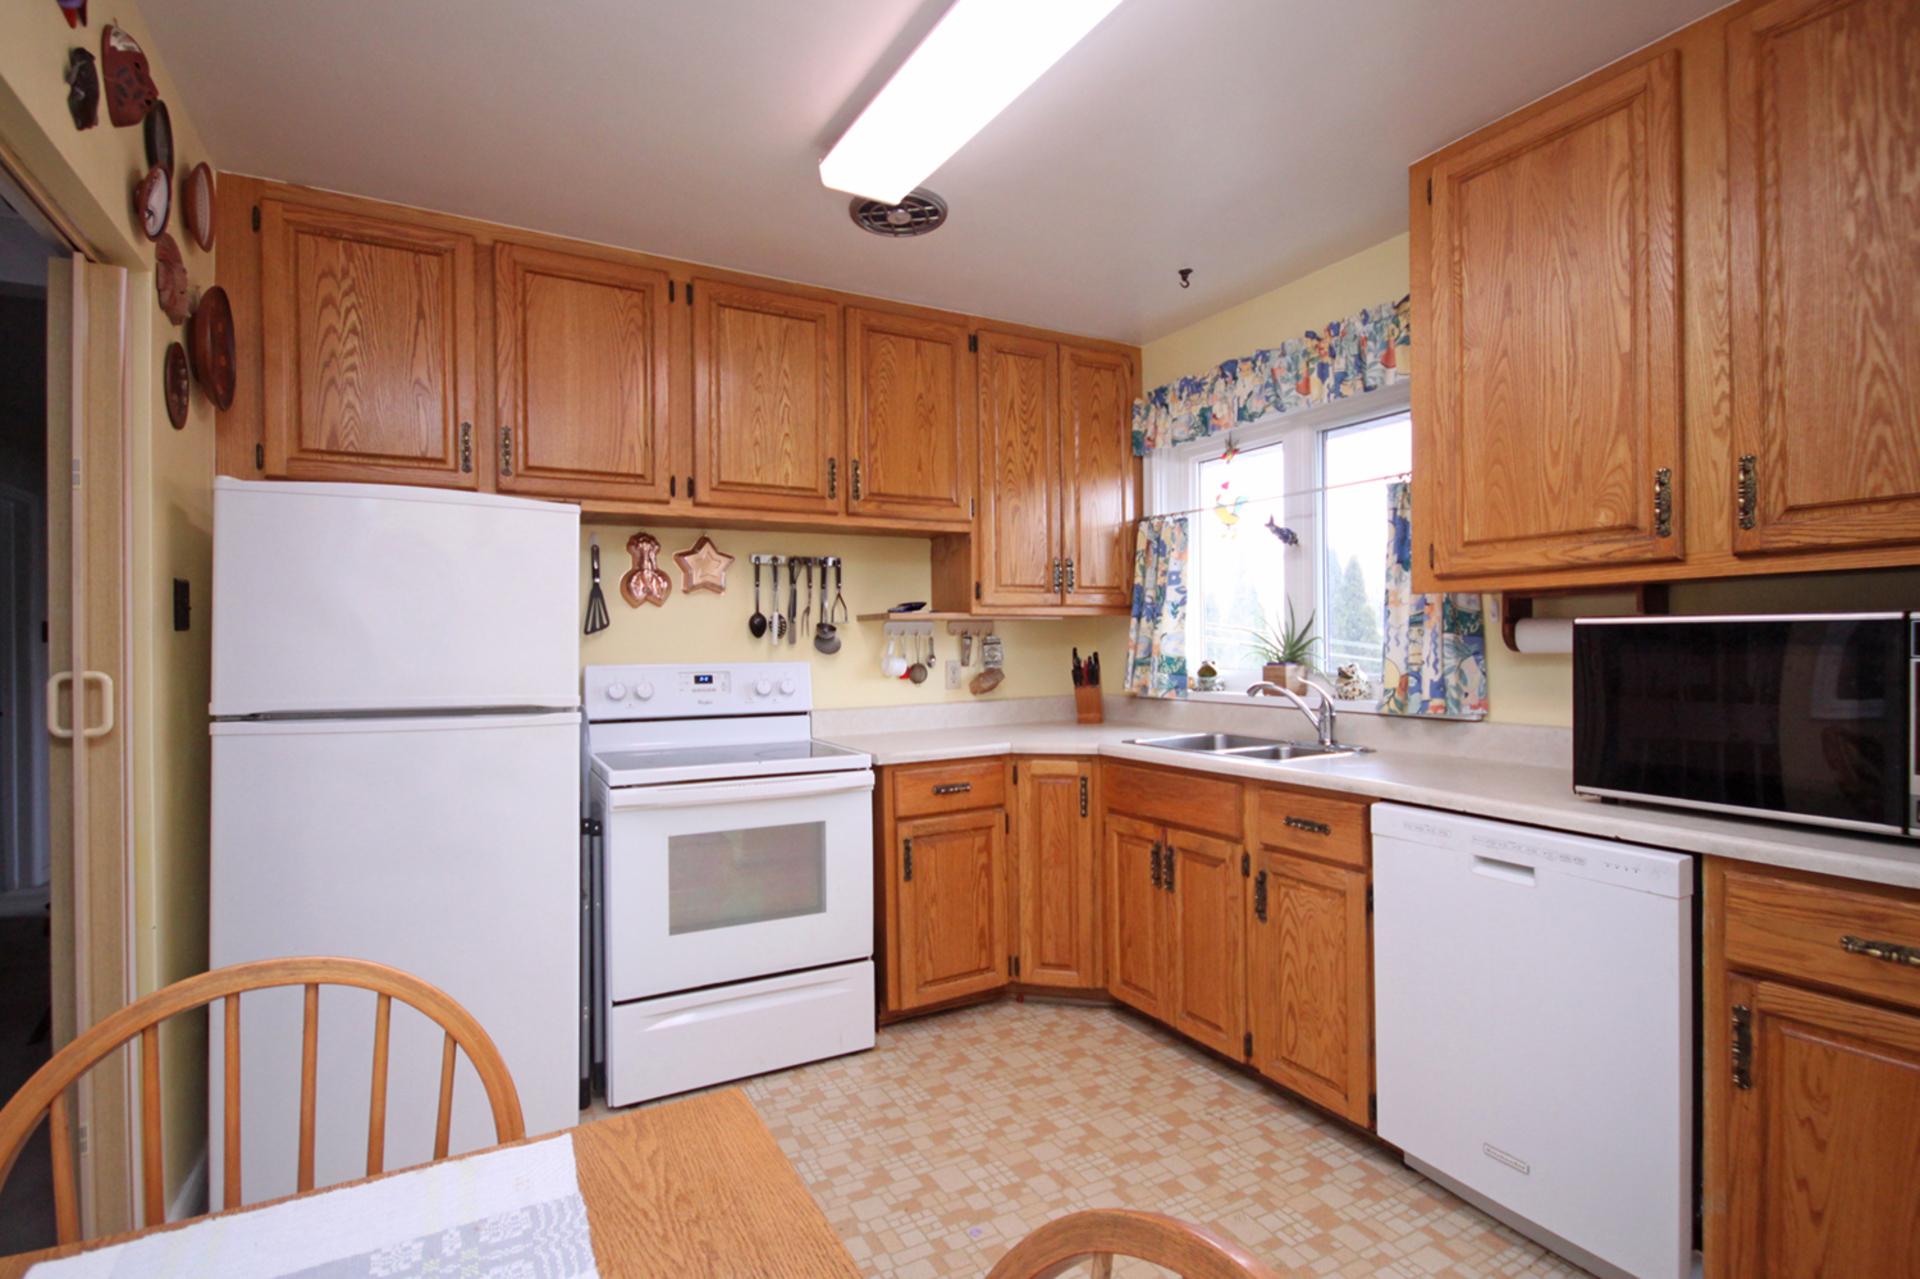 Kitchen at 63 Hesketh Court, Victoria Village, Toronto